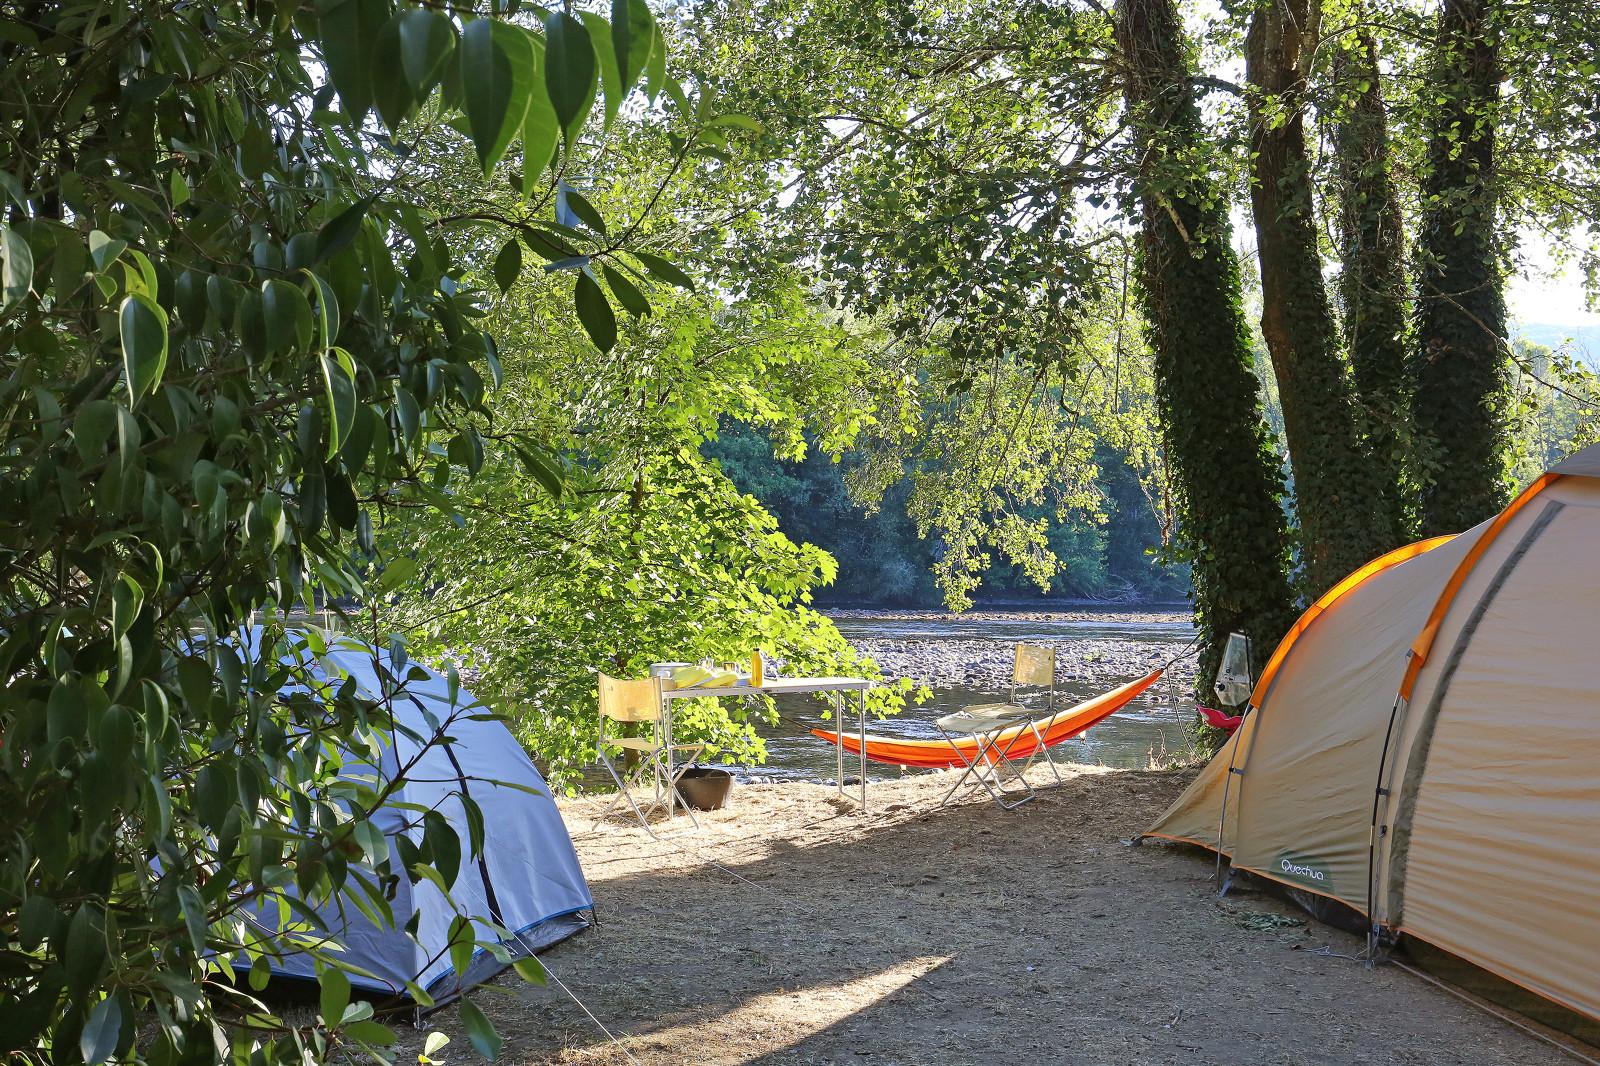 Camping Huttopia Beaulieu sur Dordogne, Beaulieu-sur-Dordogne, Corrèze